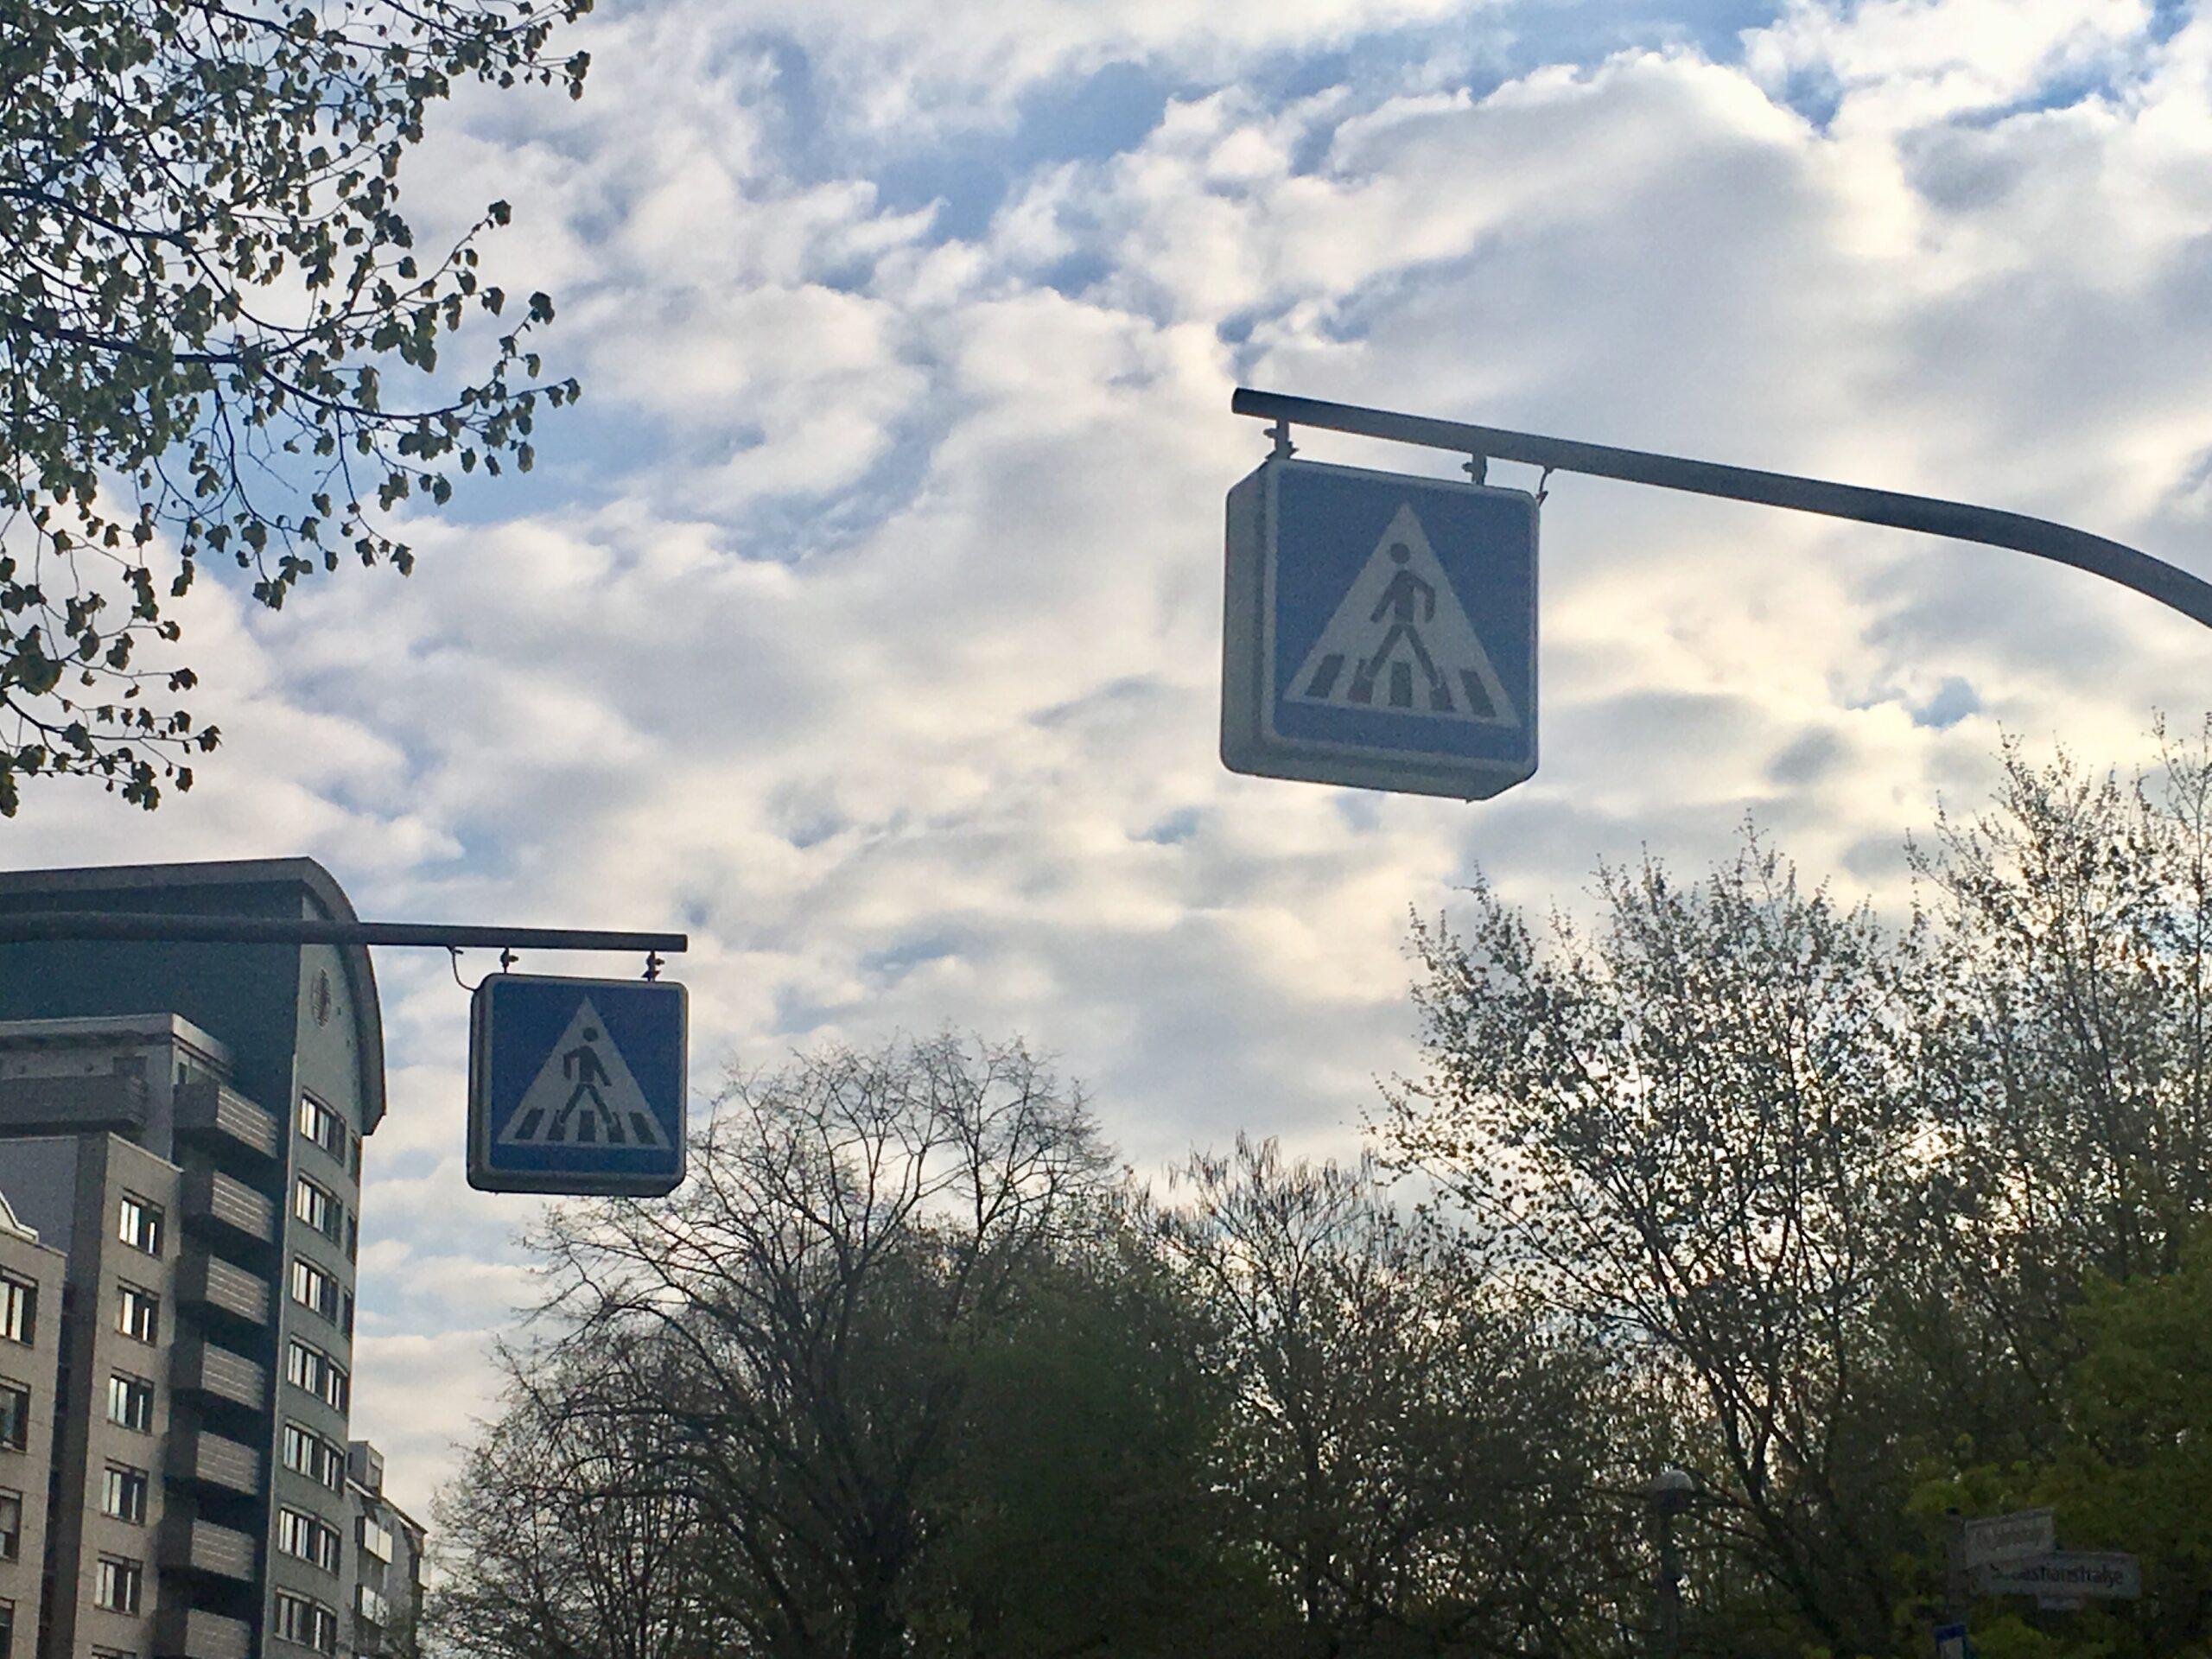 Zu Fuß in Friedrichshain: Wo lauern die Gefahren?